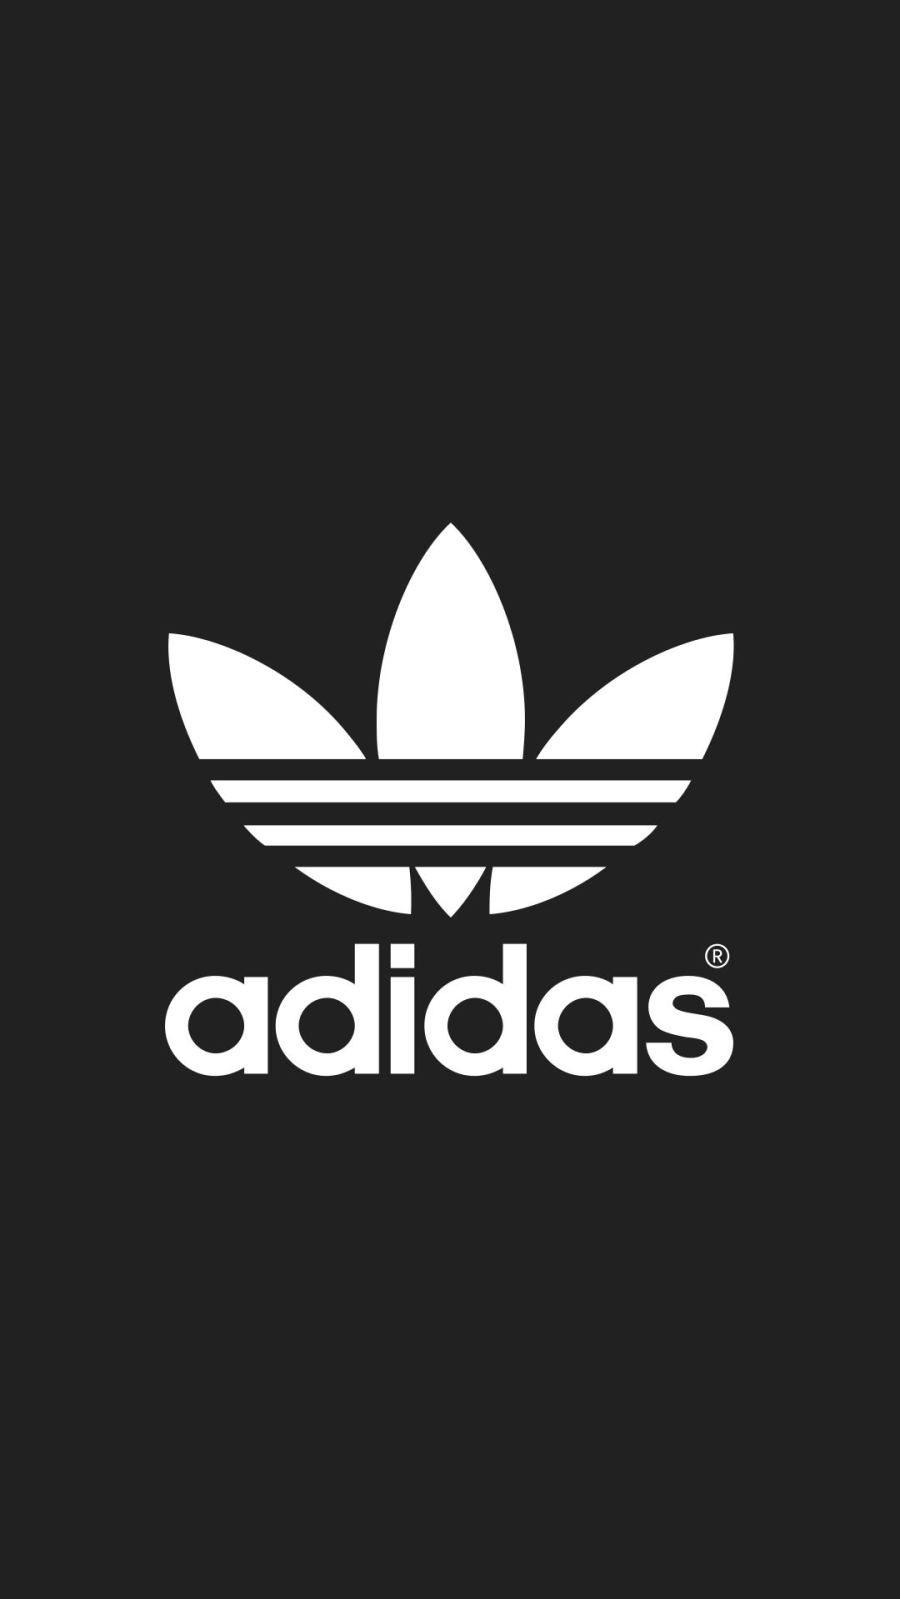 Adidas10 Papel De Parede Adidas Papel De Parede Com Fundo Preto Papel De Parede Da Nike